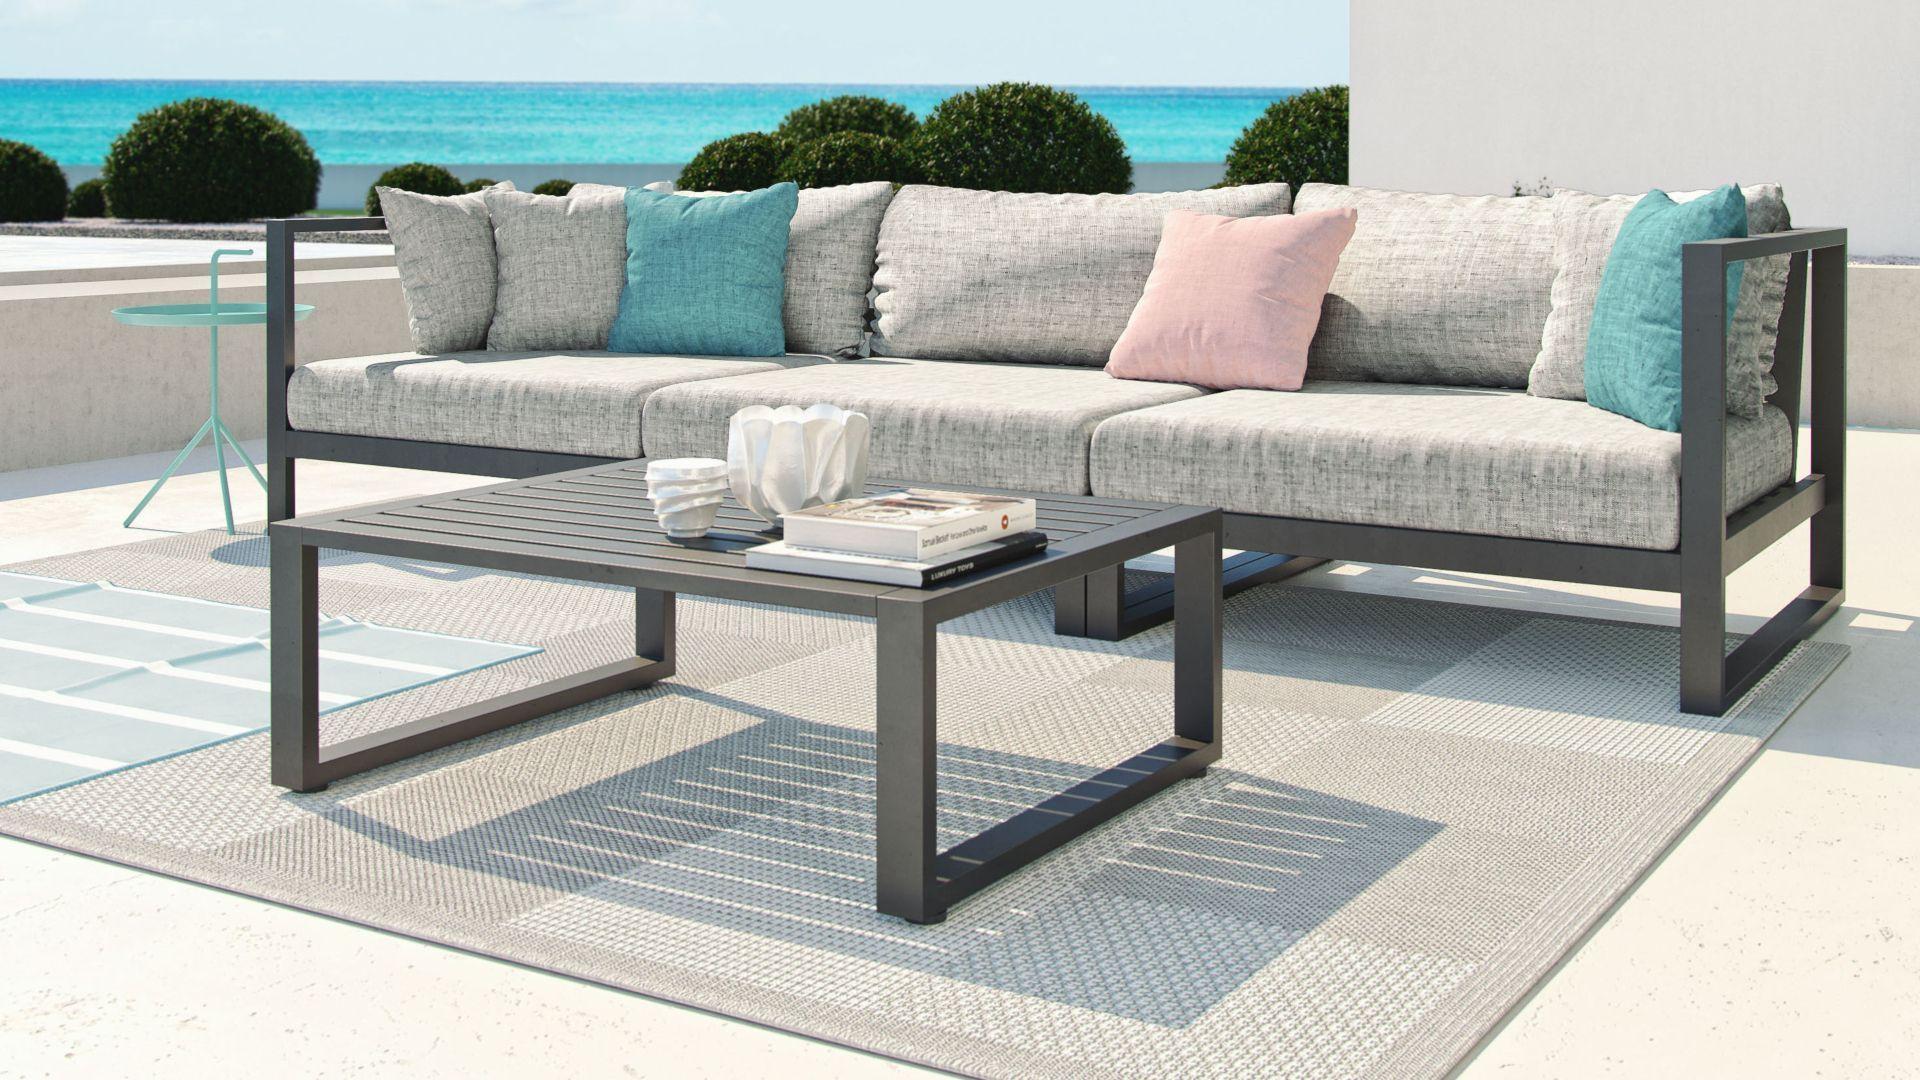 Salon De Jardin Matteo S | Furniture, Outdoor Decor ... intérieur Salon De Jardin Artelia